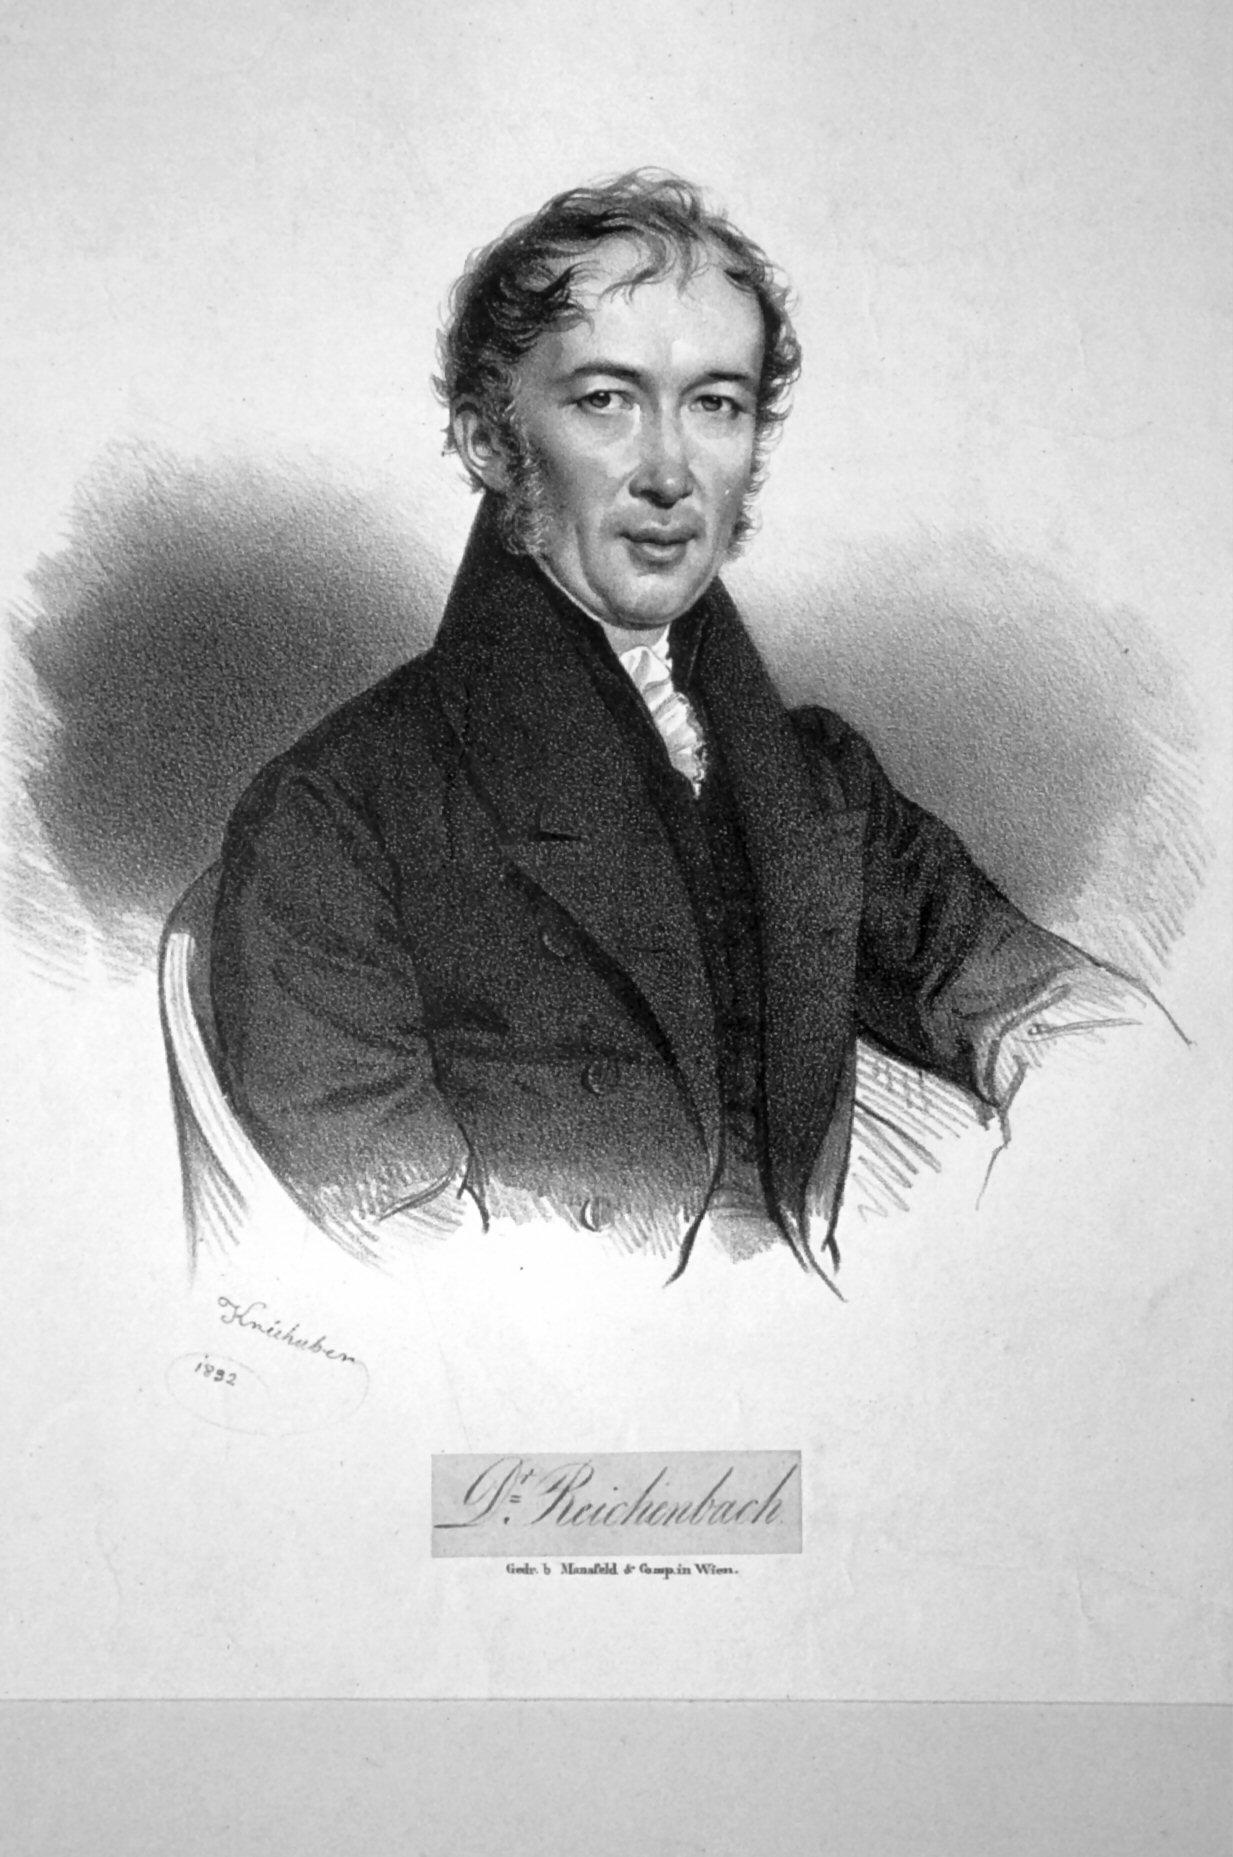 Karl von Reichenbach (1788-1869) deutscher Chemiker und Erfinder, lithograph by Josef Kriehuber, 1832.